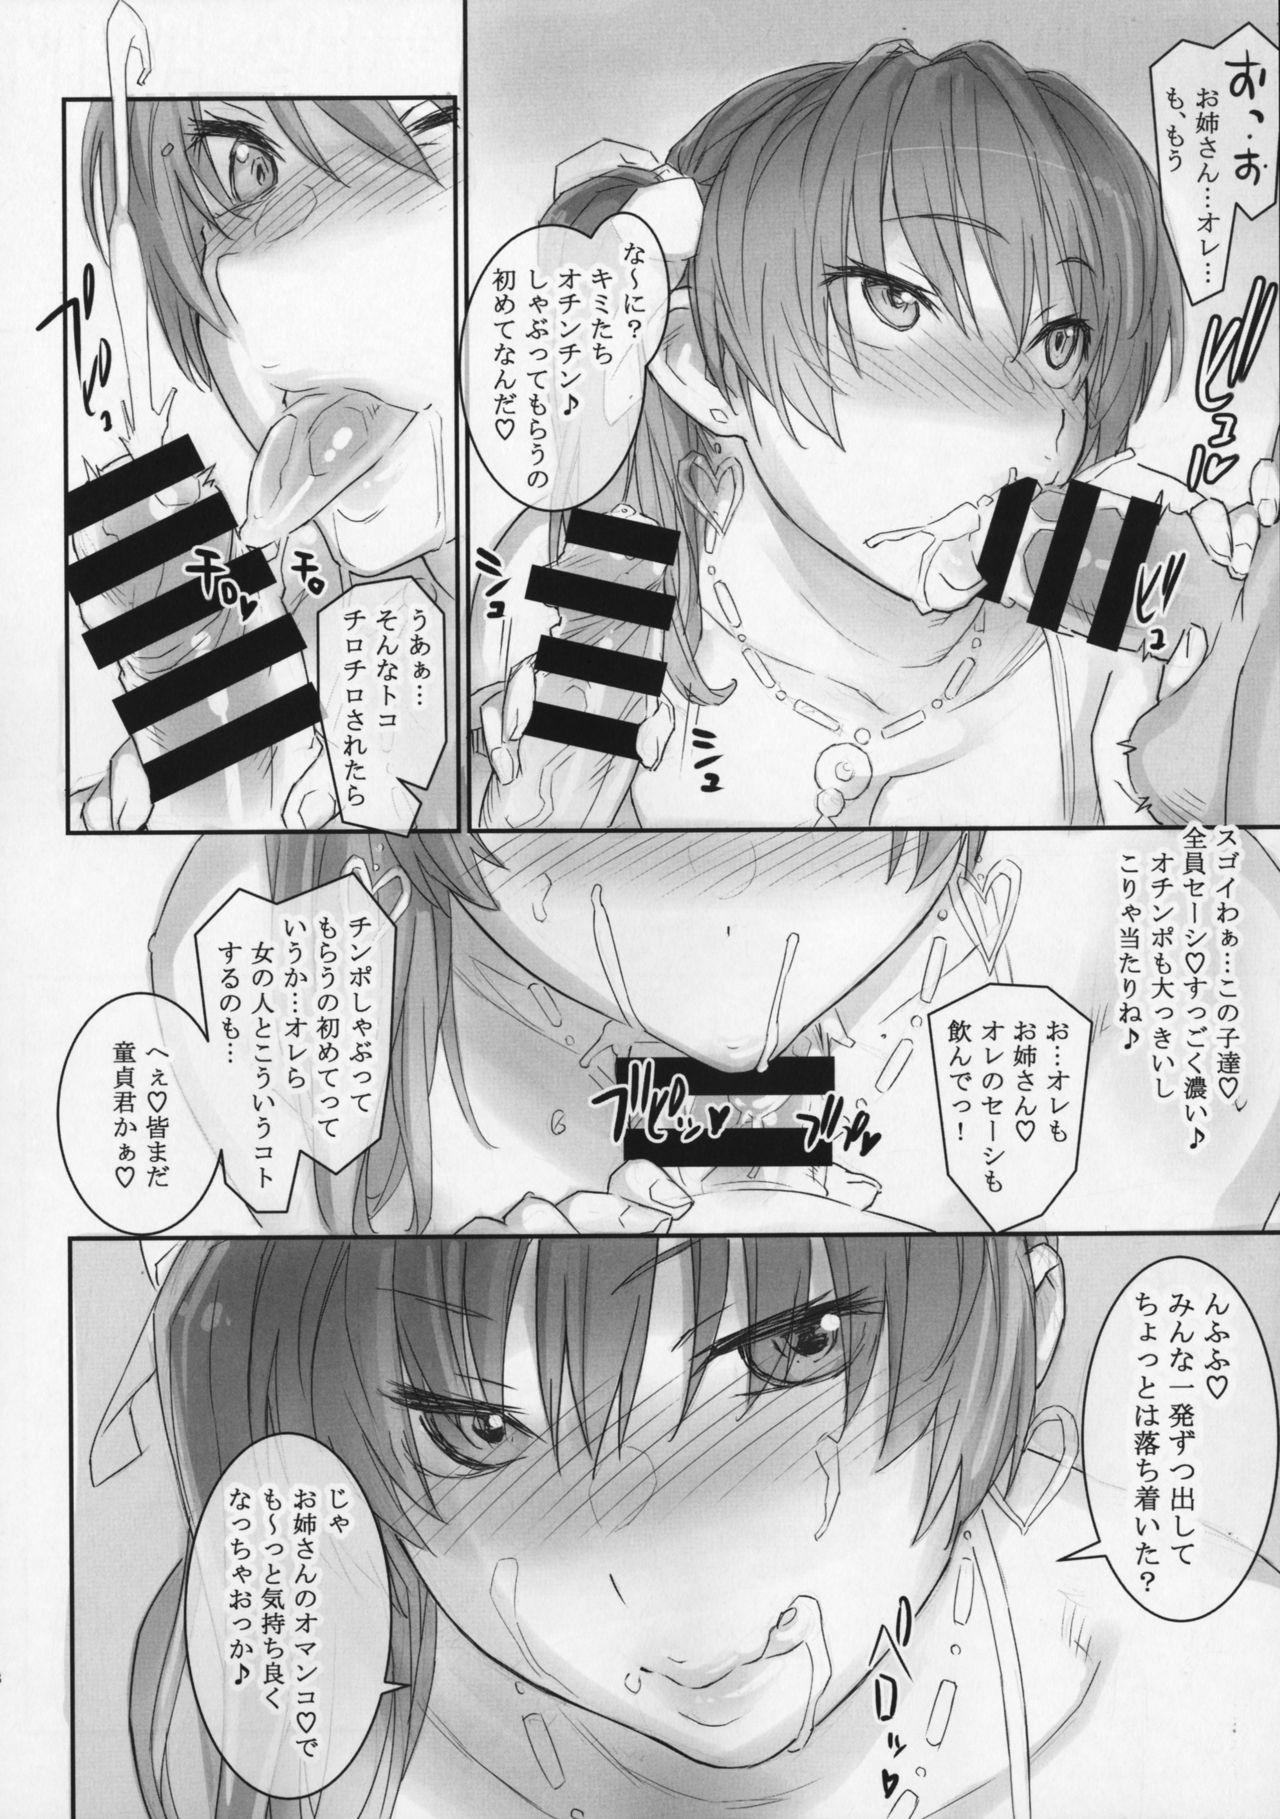 Kasumi-chan to Nobetumakunashi 7 6